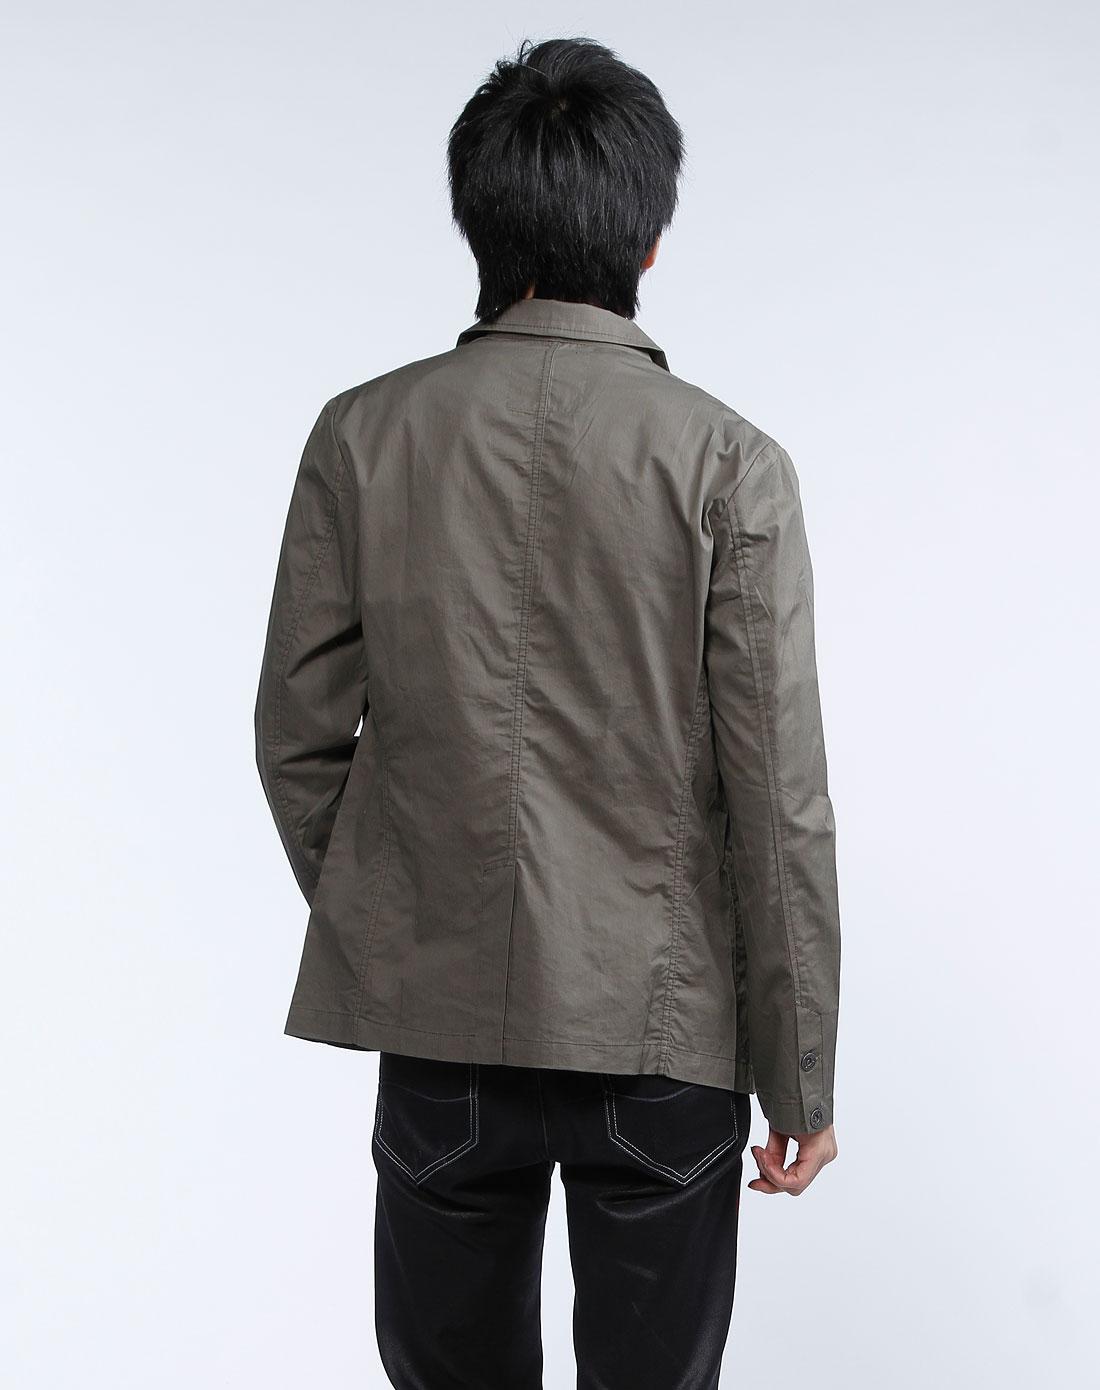 男装专场深卡其色长袖西装外套